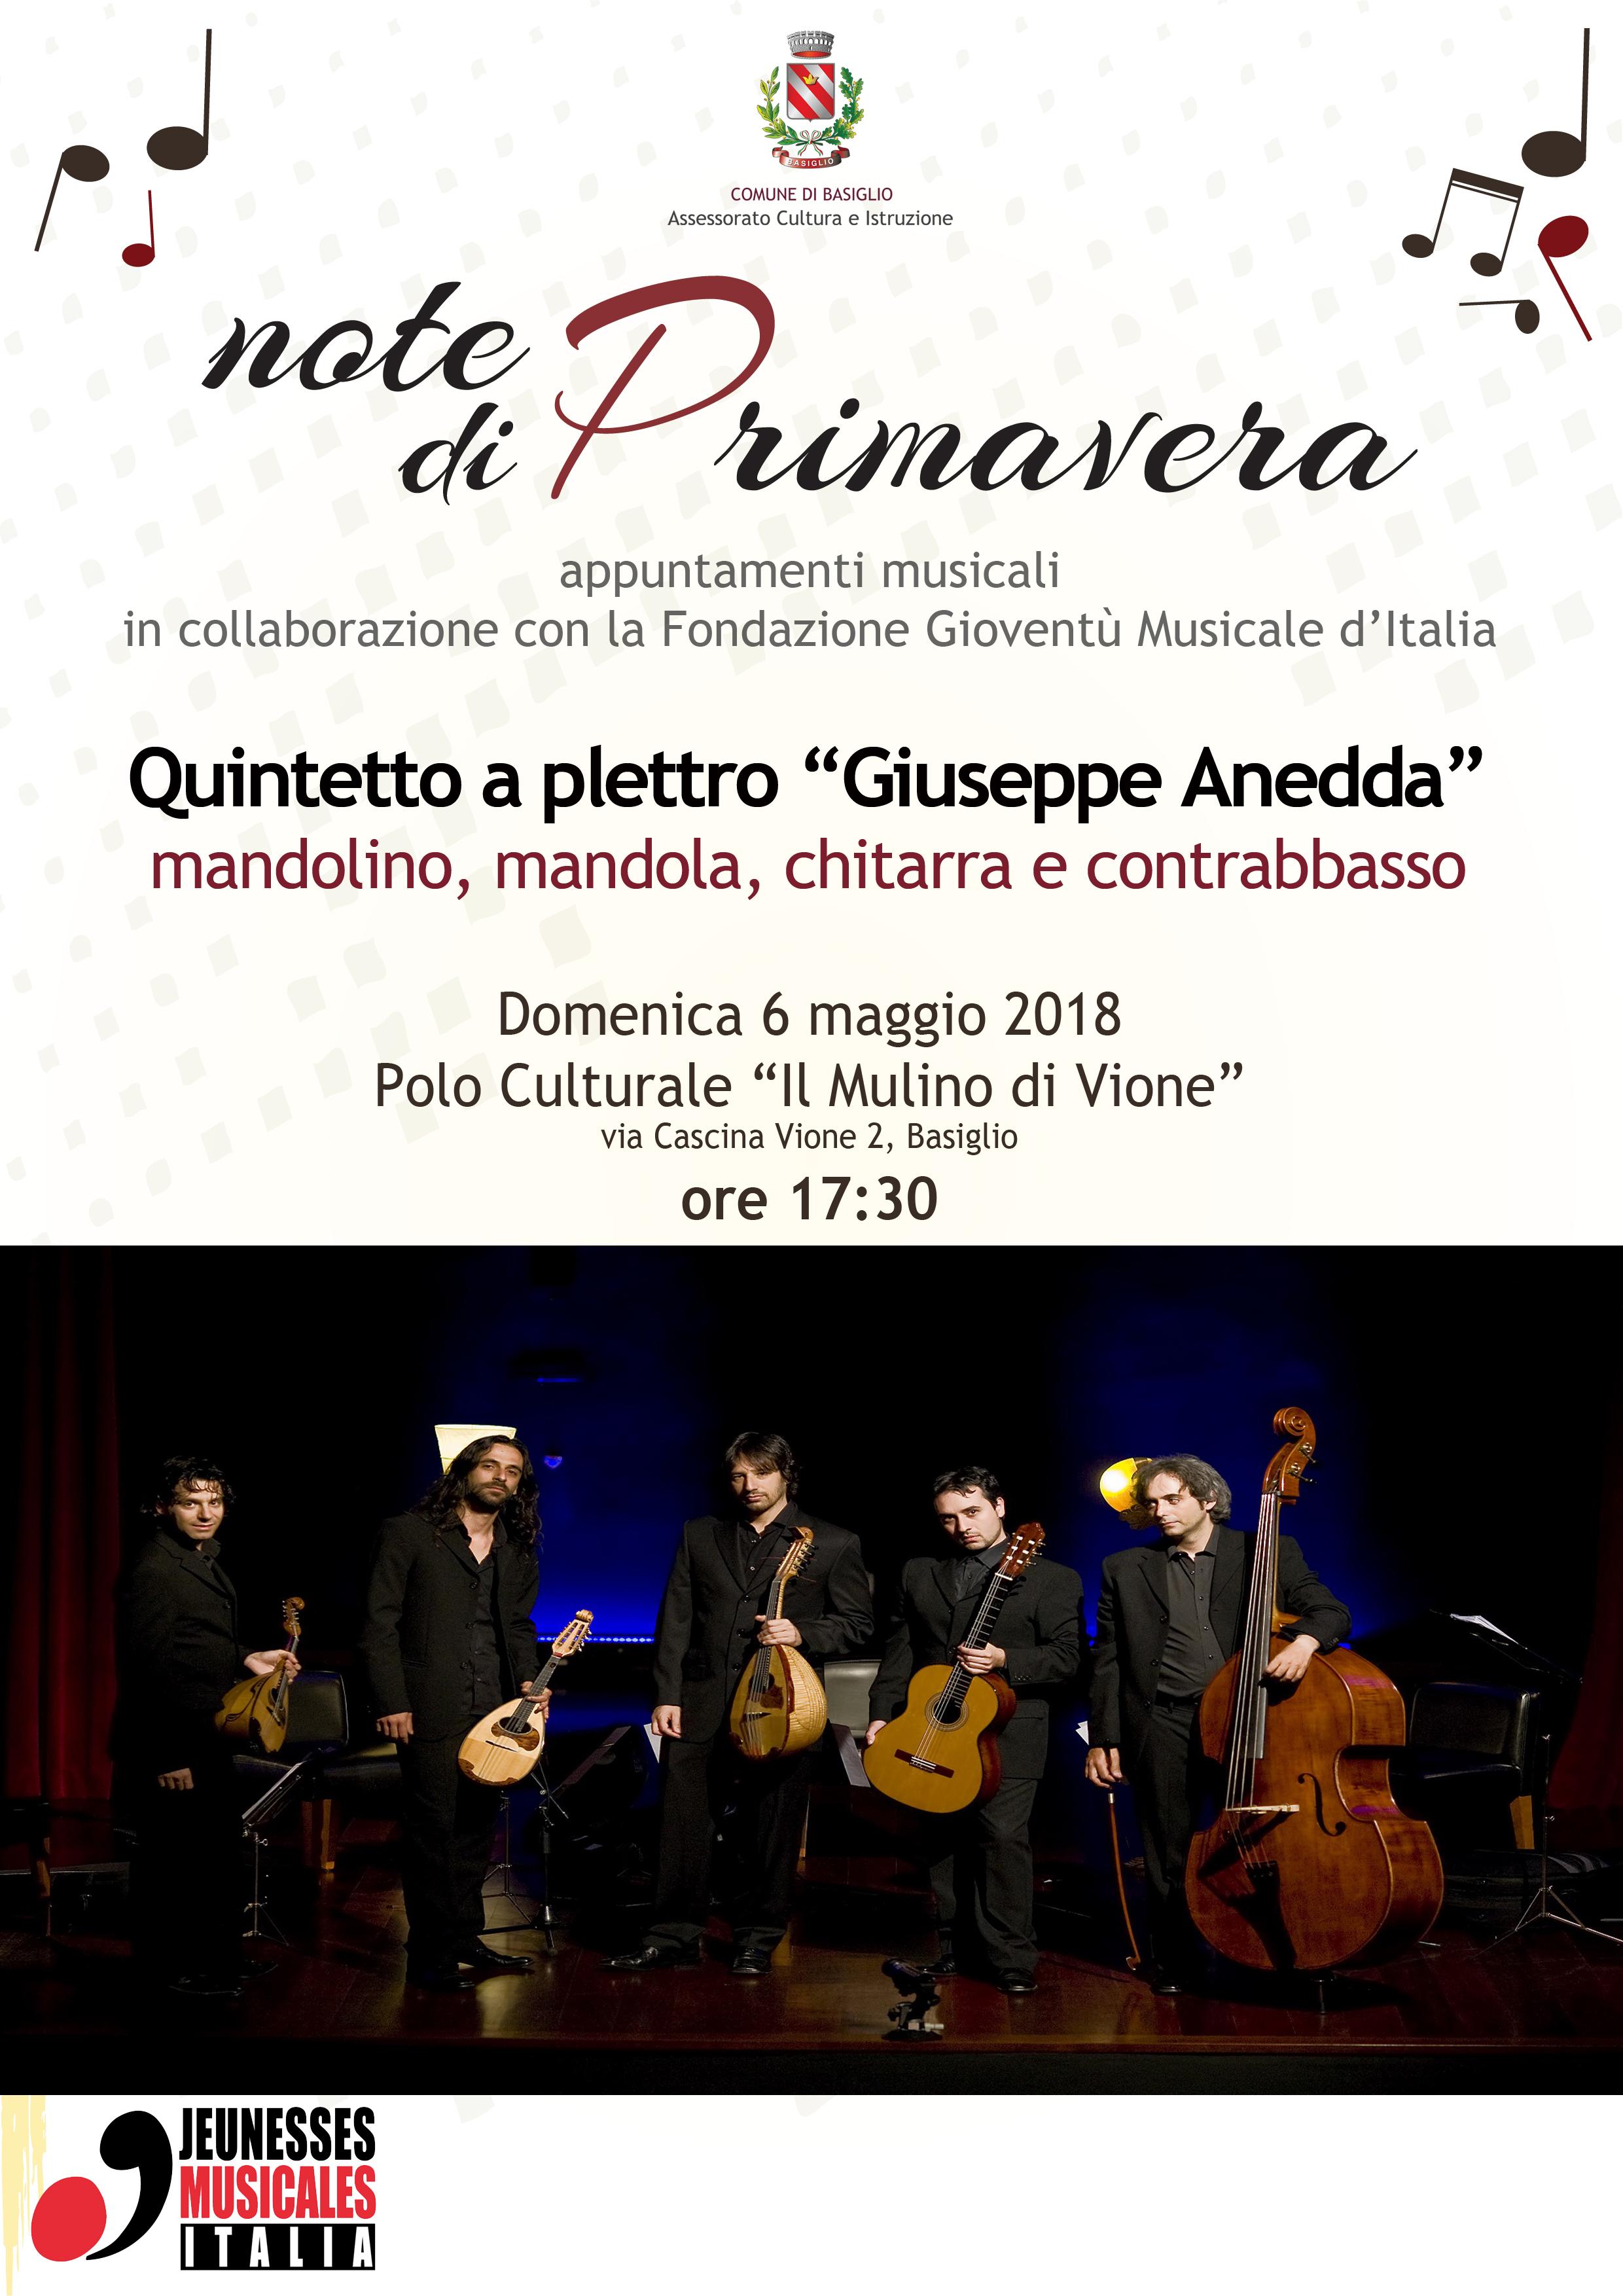 Quintetto Anedda Gioventu musicale